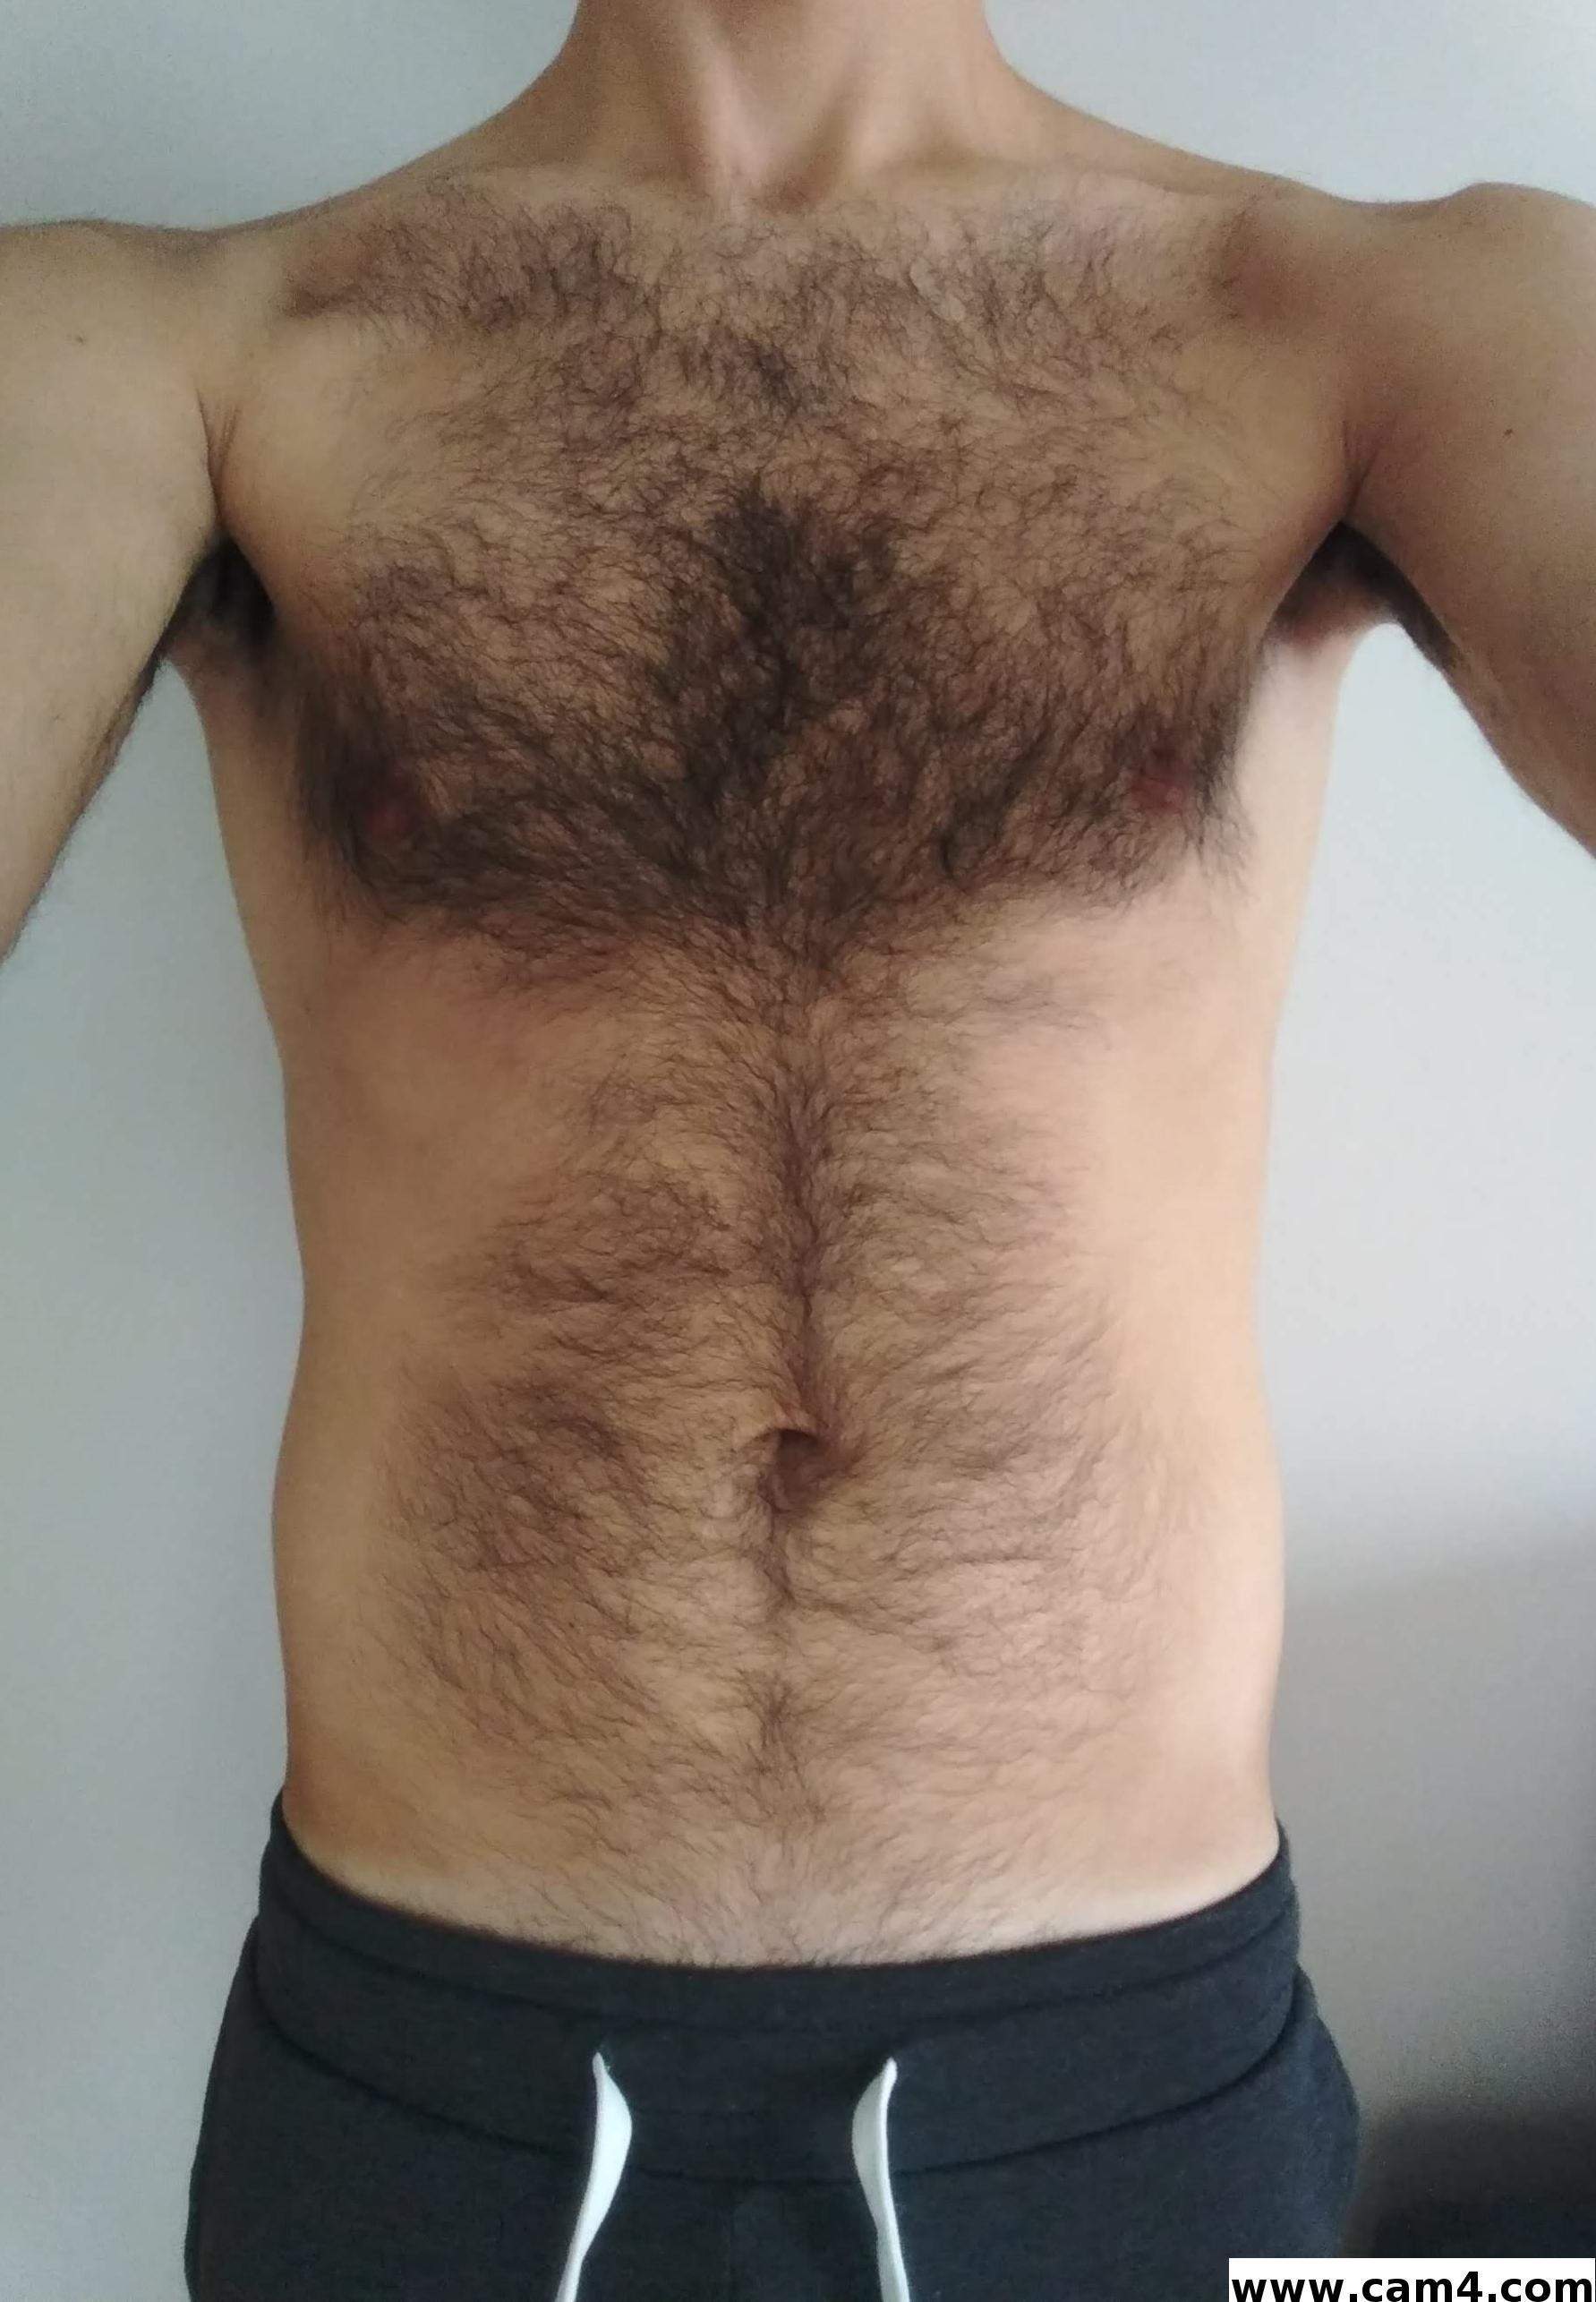 Hairy uncut?s=+2wawa2oaxskel8ksk1o6z6ymygwze7ocrxzxp+hjhk=